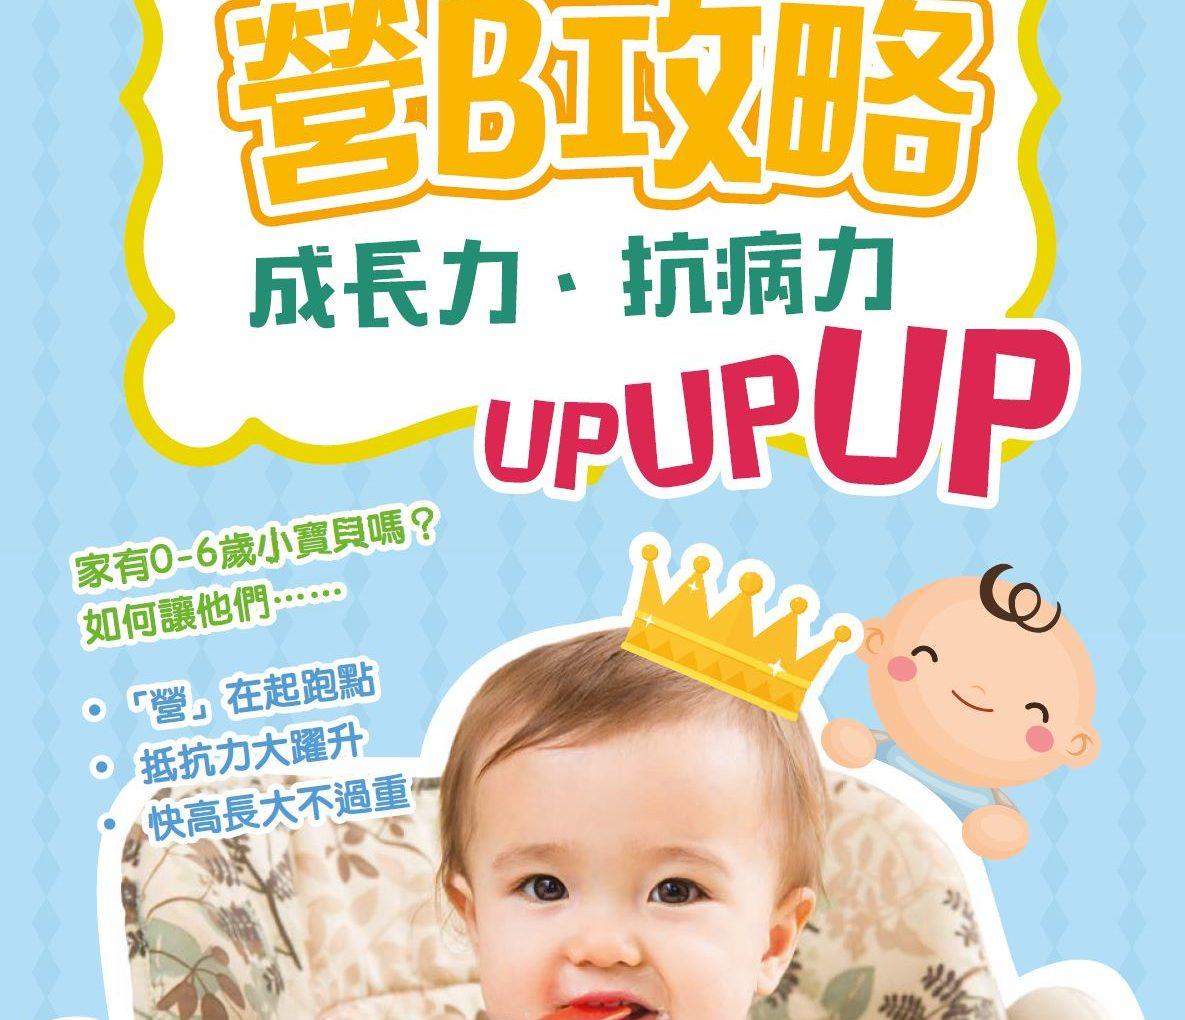 營B攻略:成長力 抗病力 UP UP UP